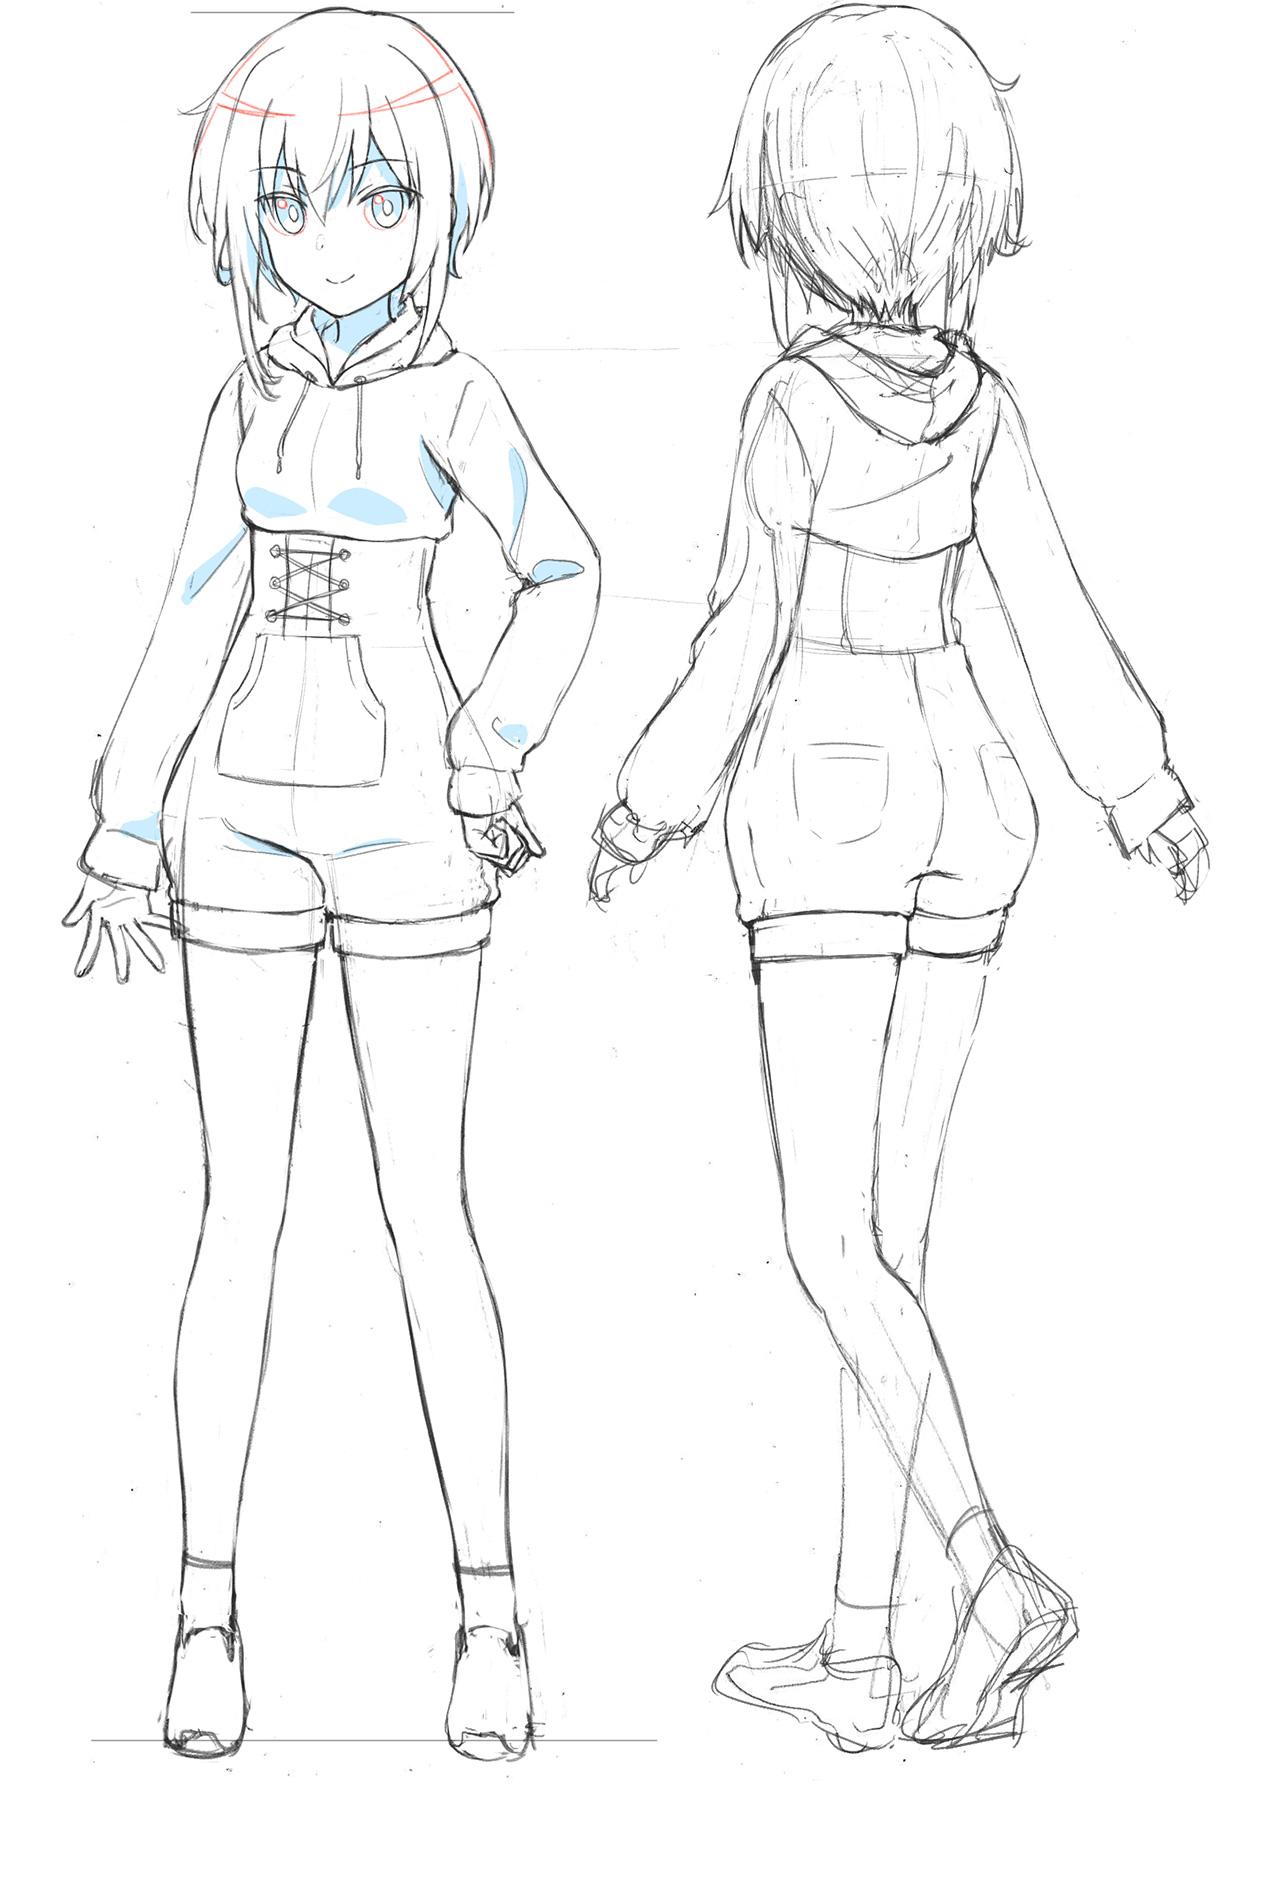 Un escenario de personajes de Sugumi Kanagata, uno de los personajes principales del próximo Alice Gear Aegis OAV.